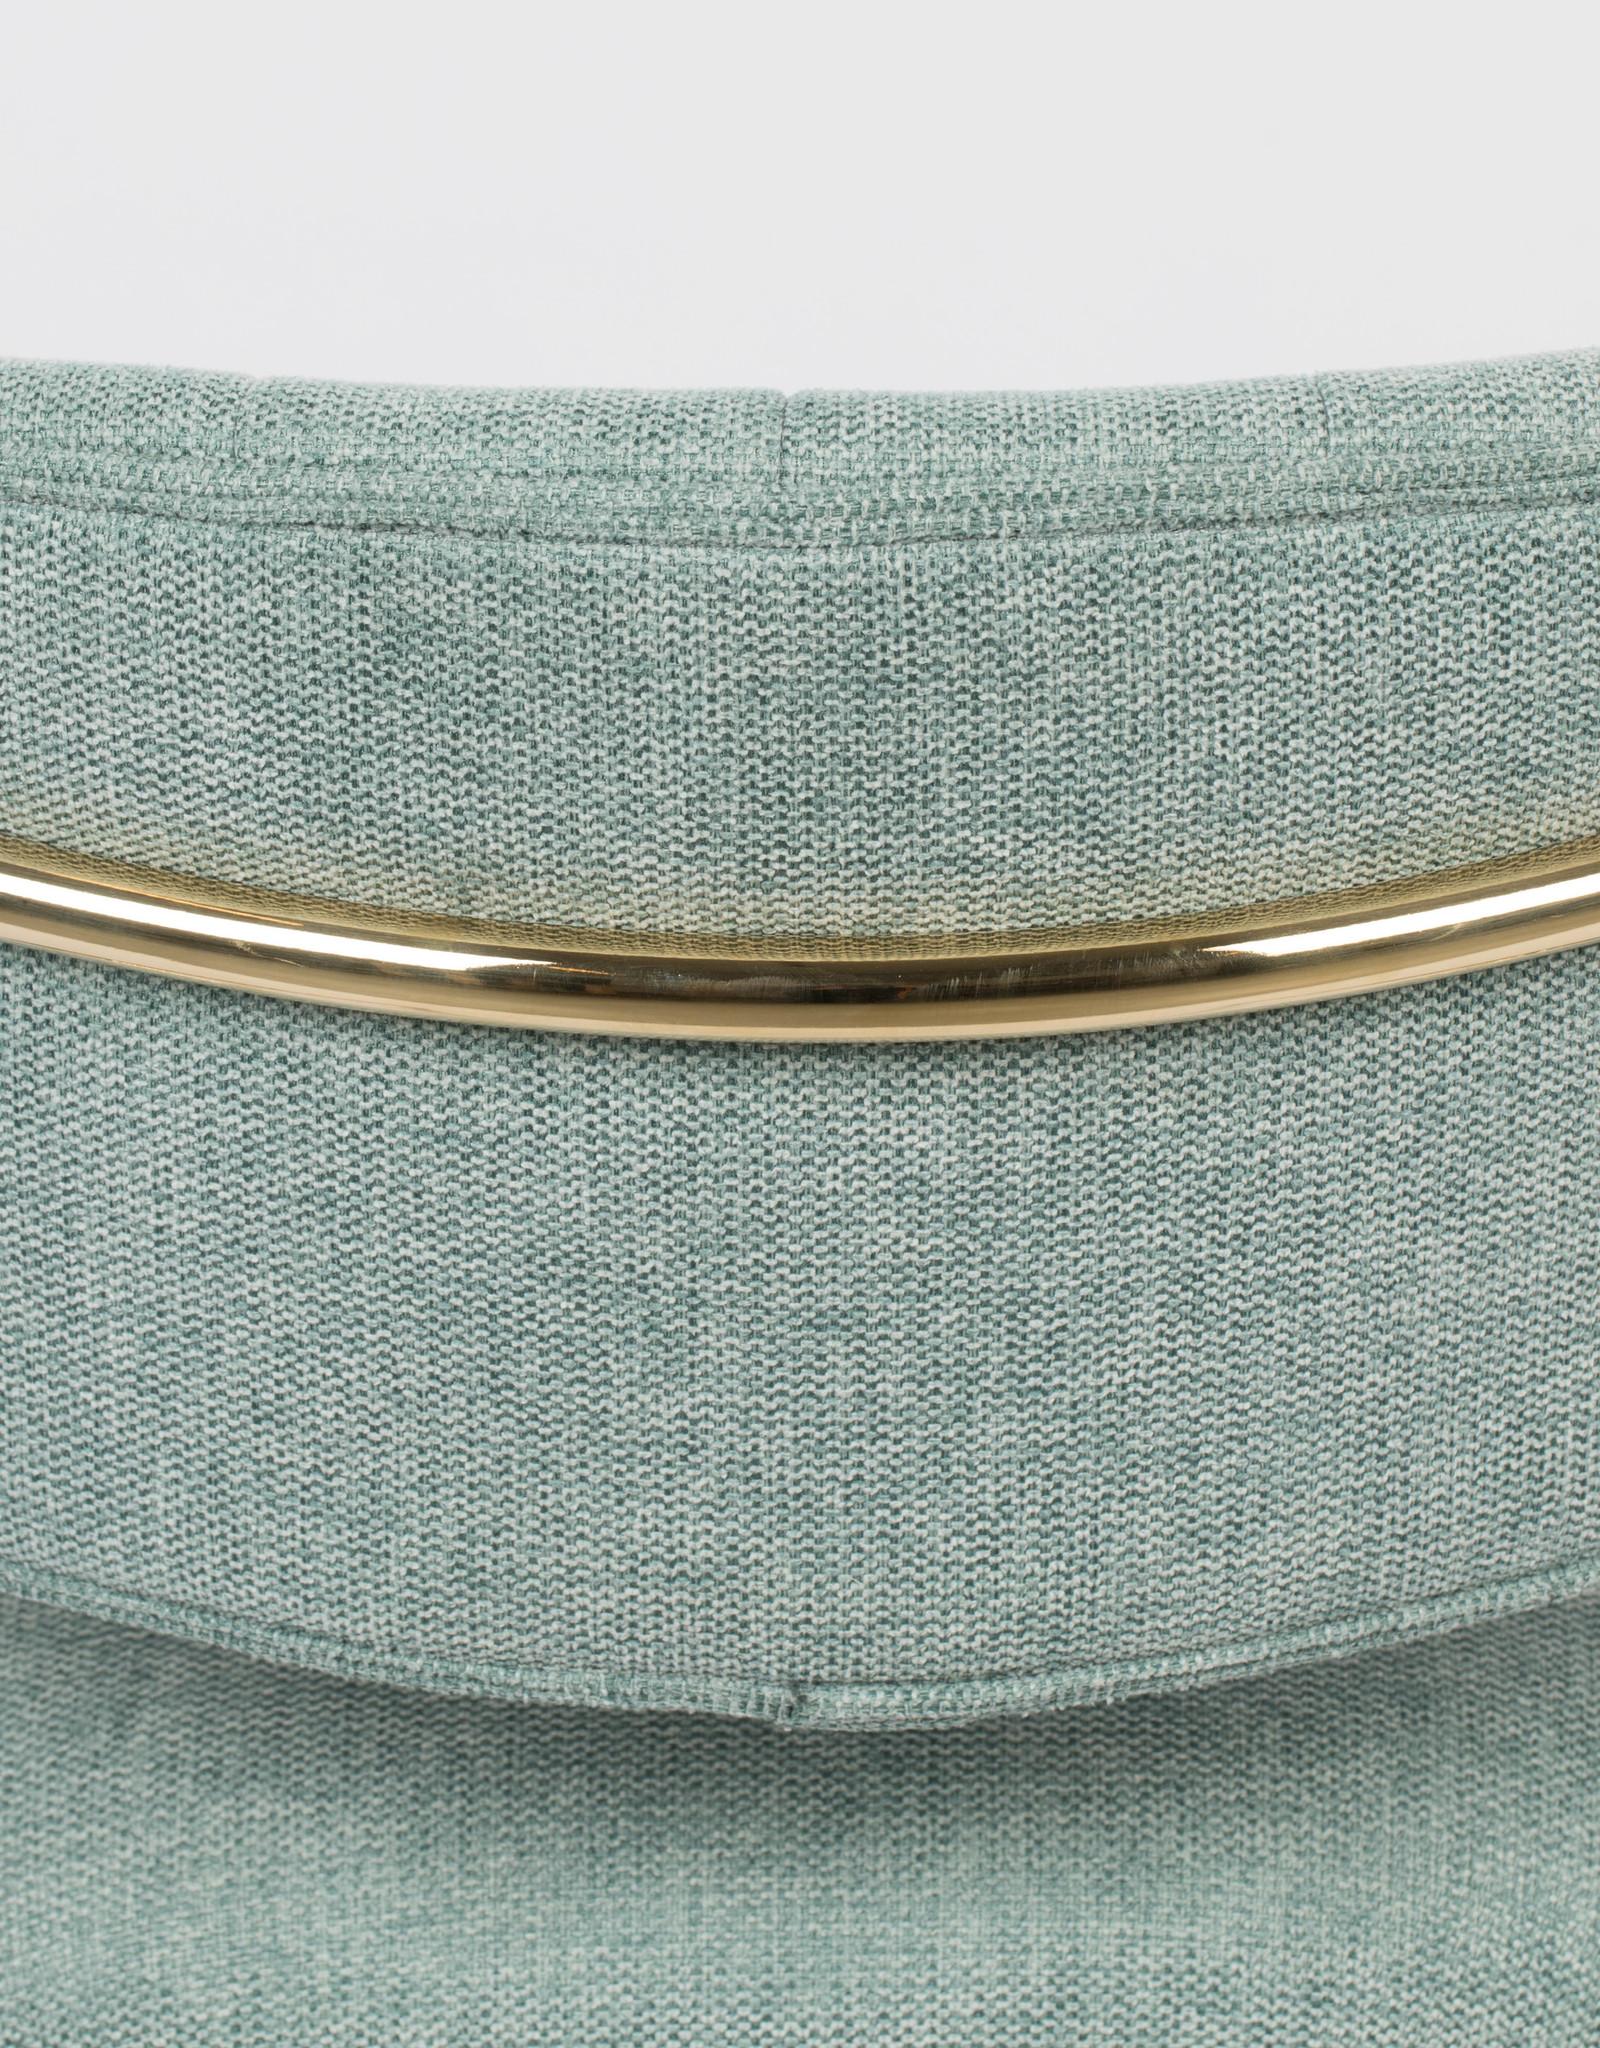 Fauteuil met gouden frame (4 kleuren)